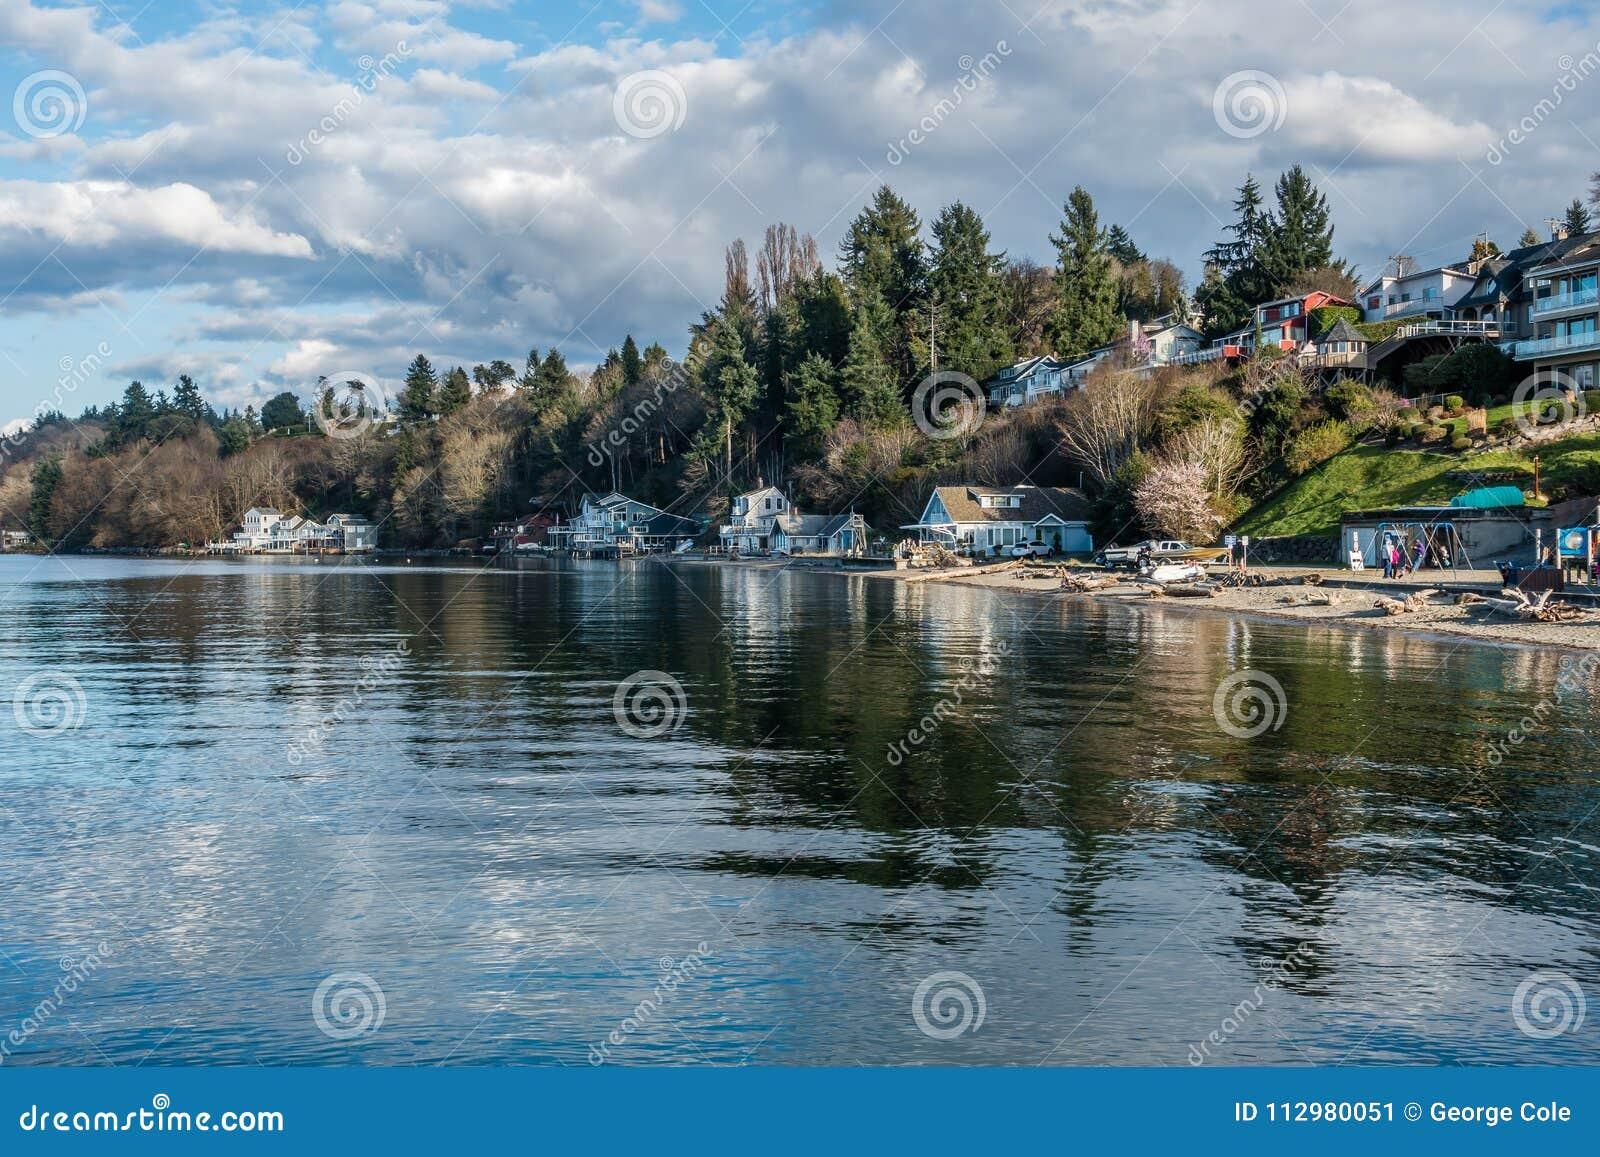 Dash Point Shoreline Landscape 3